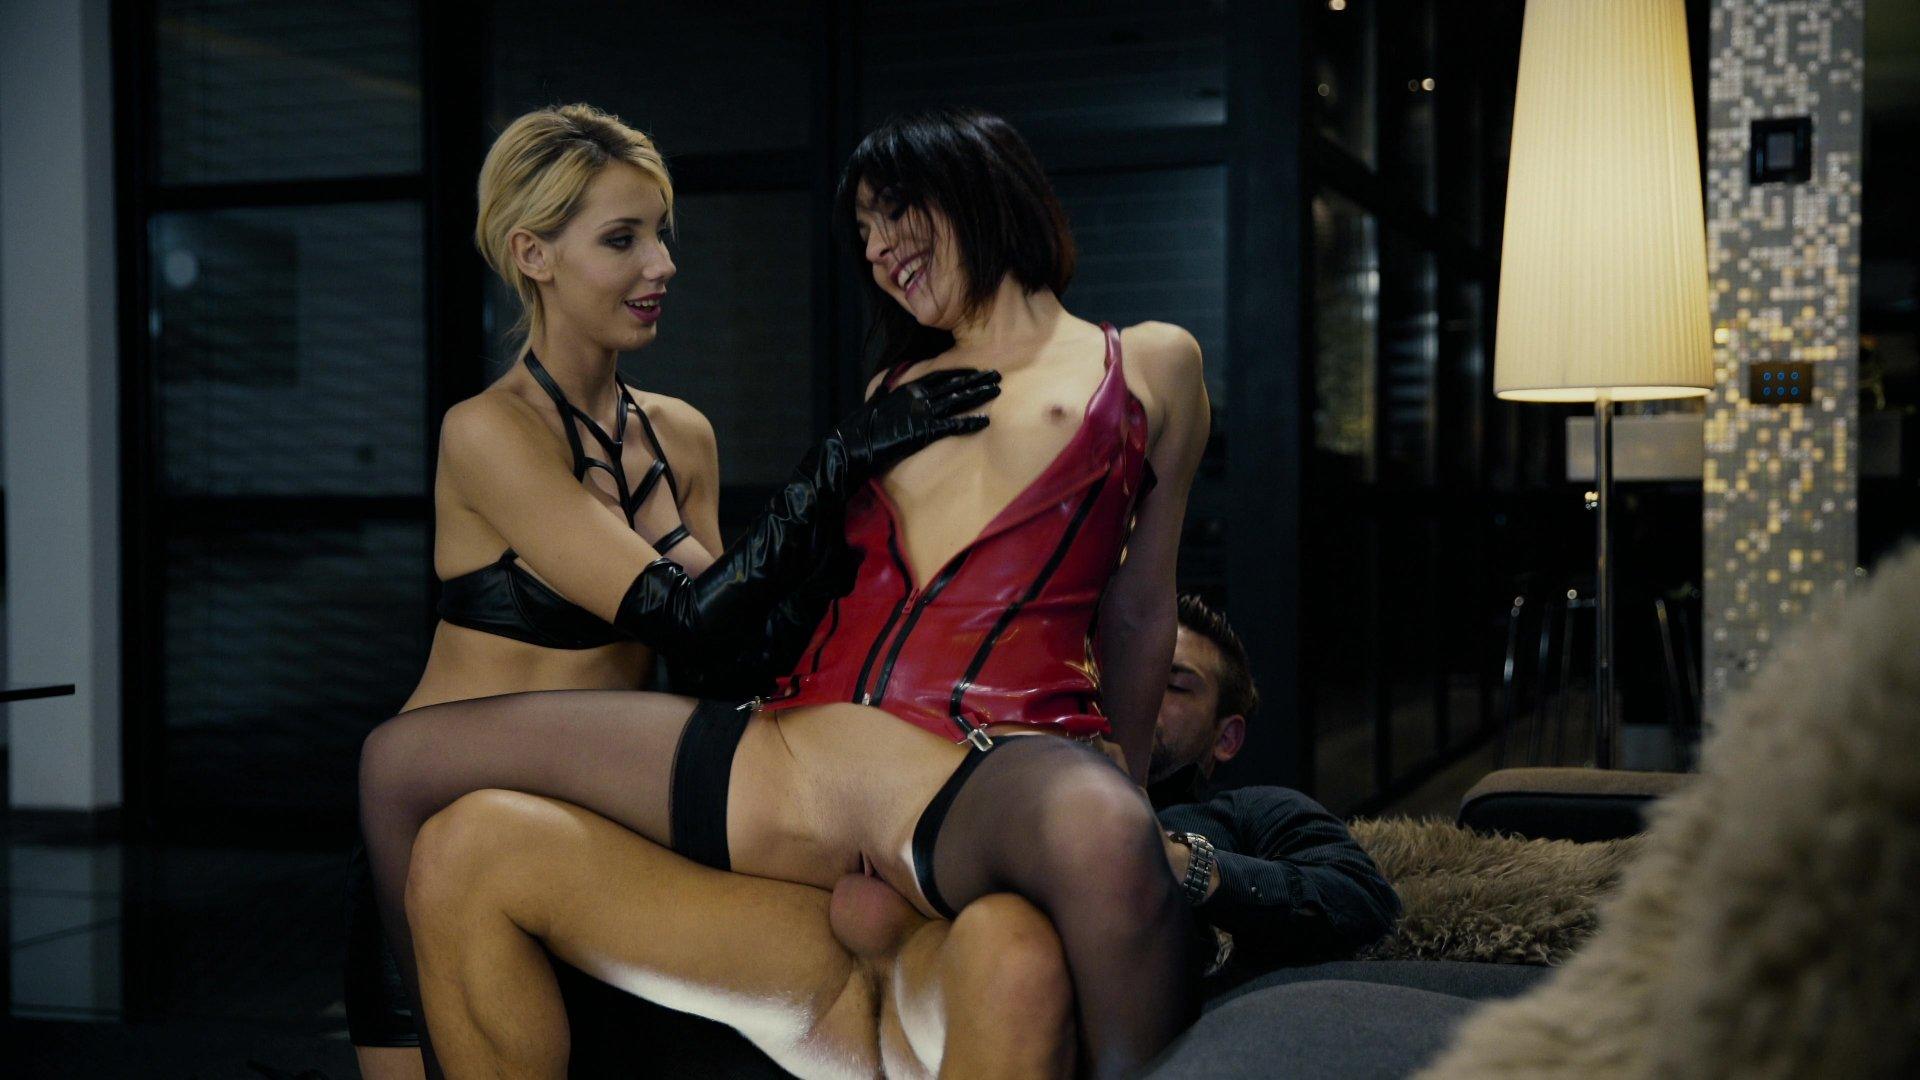 mannequin porno escort de luxe